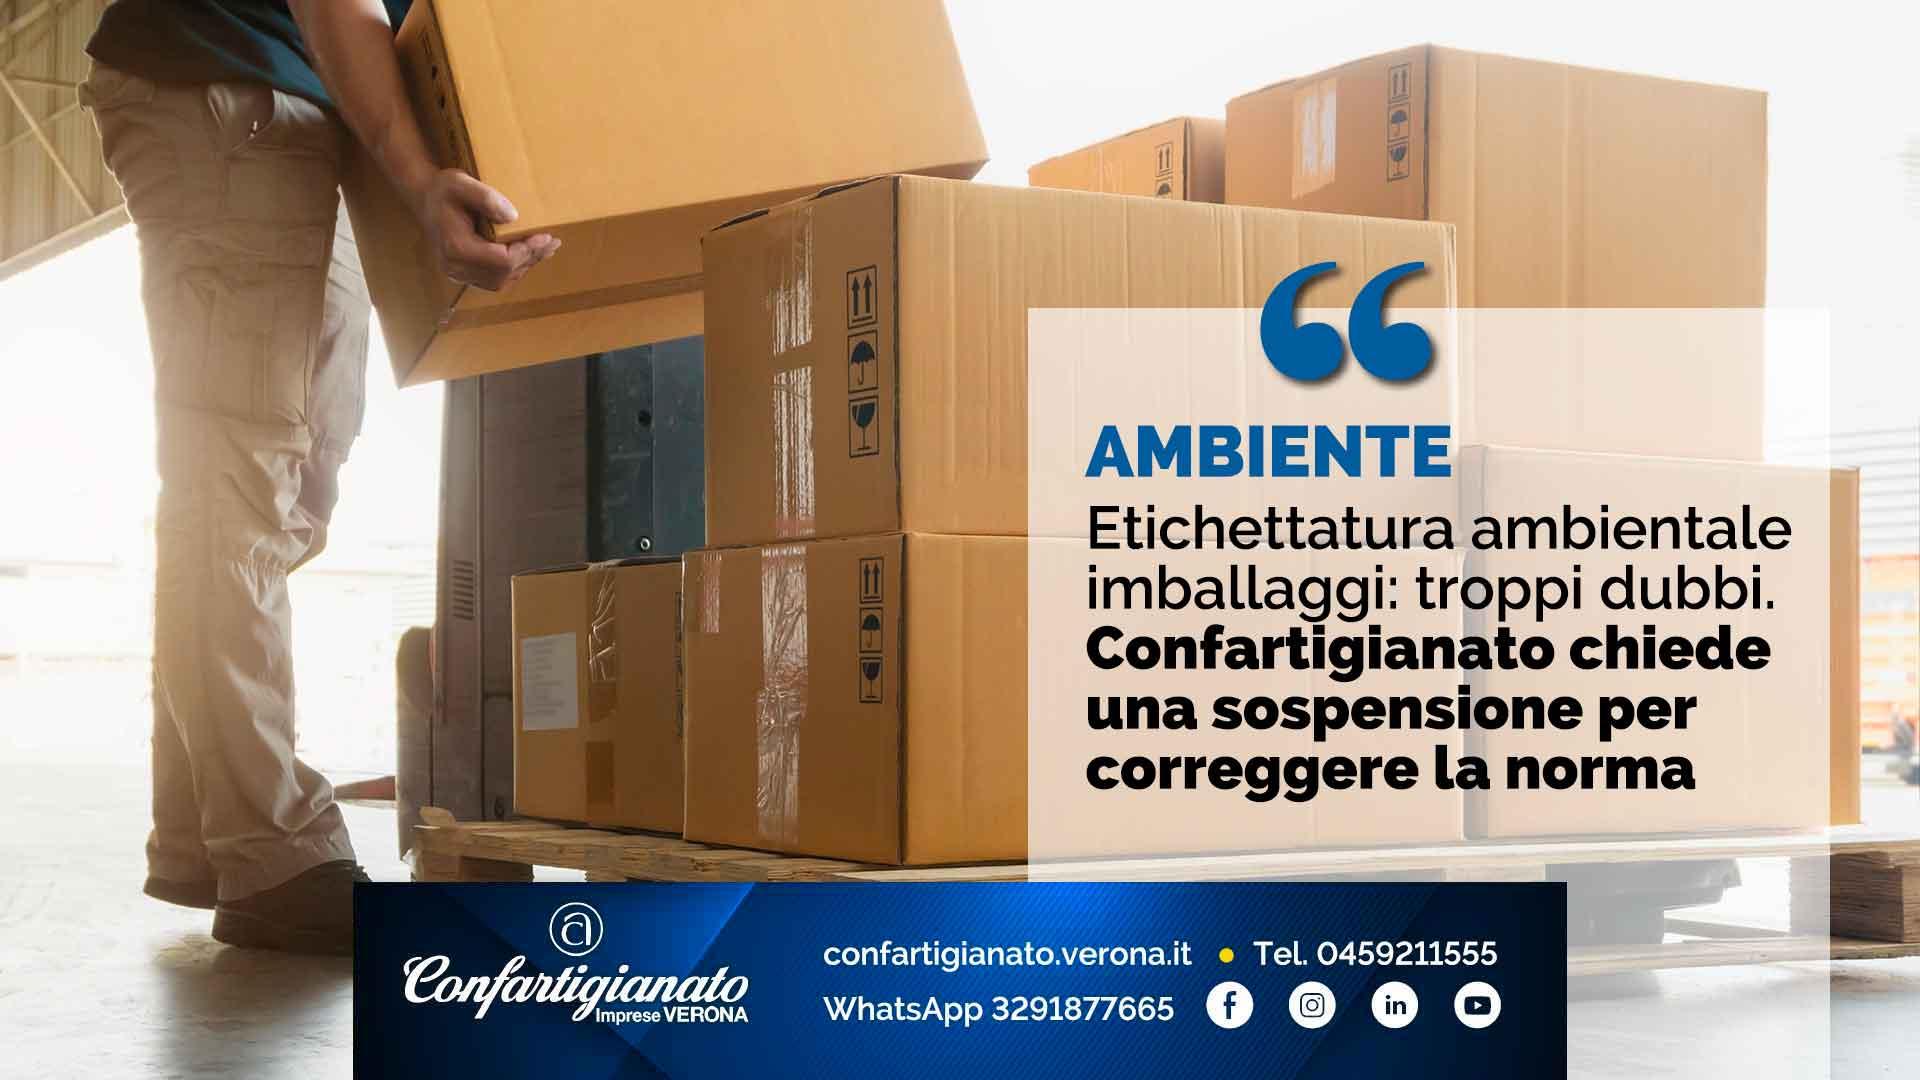 AMBIENTE – Etichettatura ambientale imballaggi: troppi dubbi. Confartigianato chiede sospensione per correggere adempimento